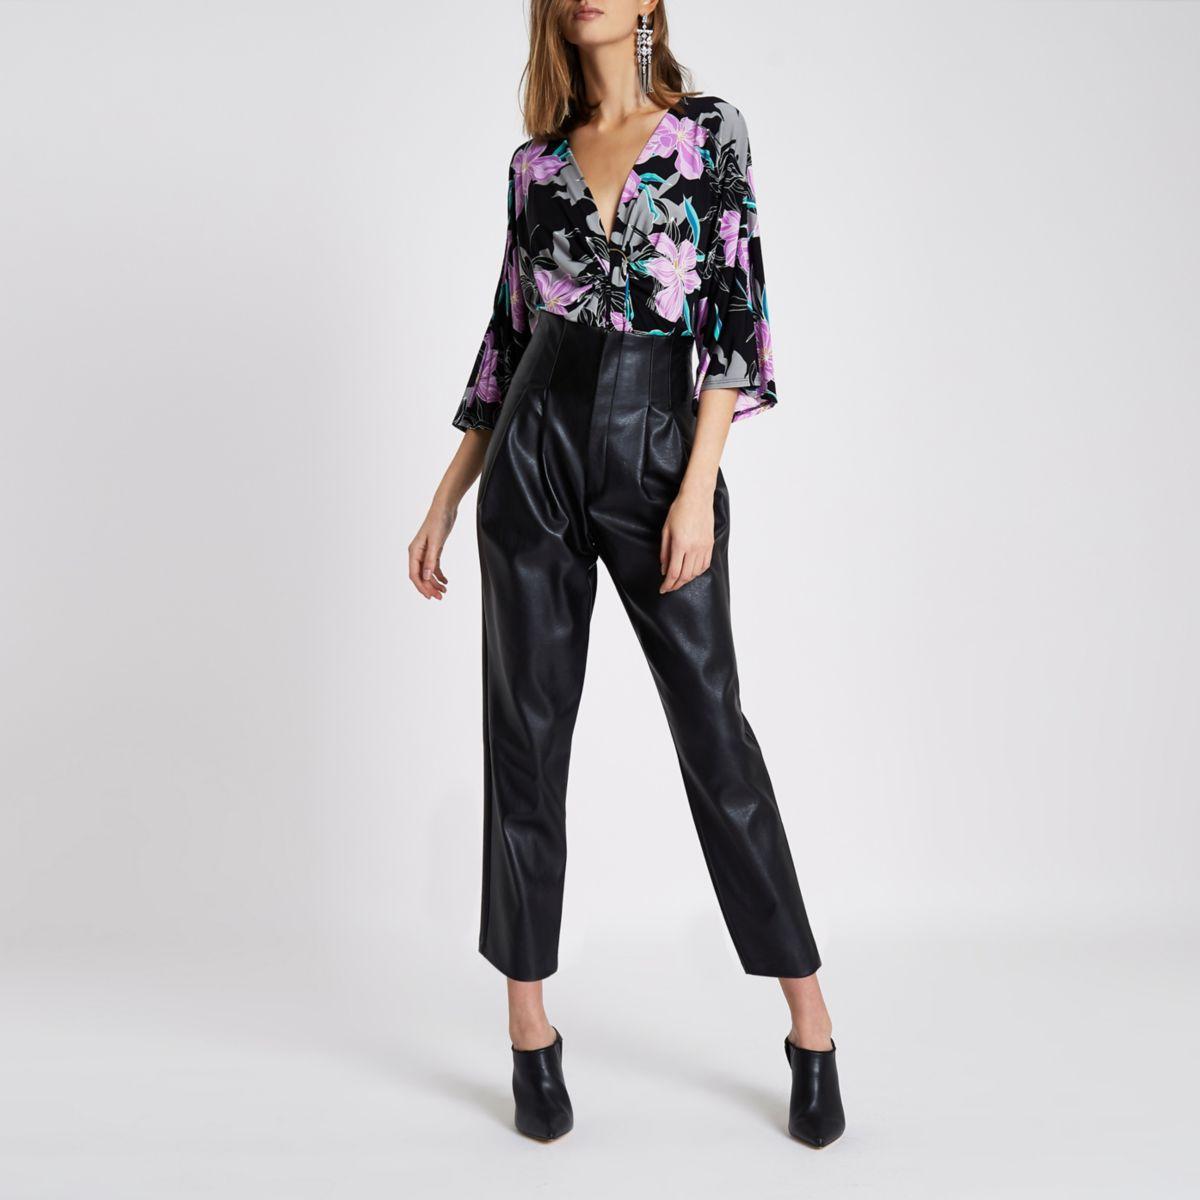 Black floral print ring front bodysuit